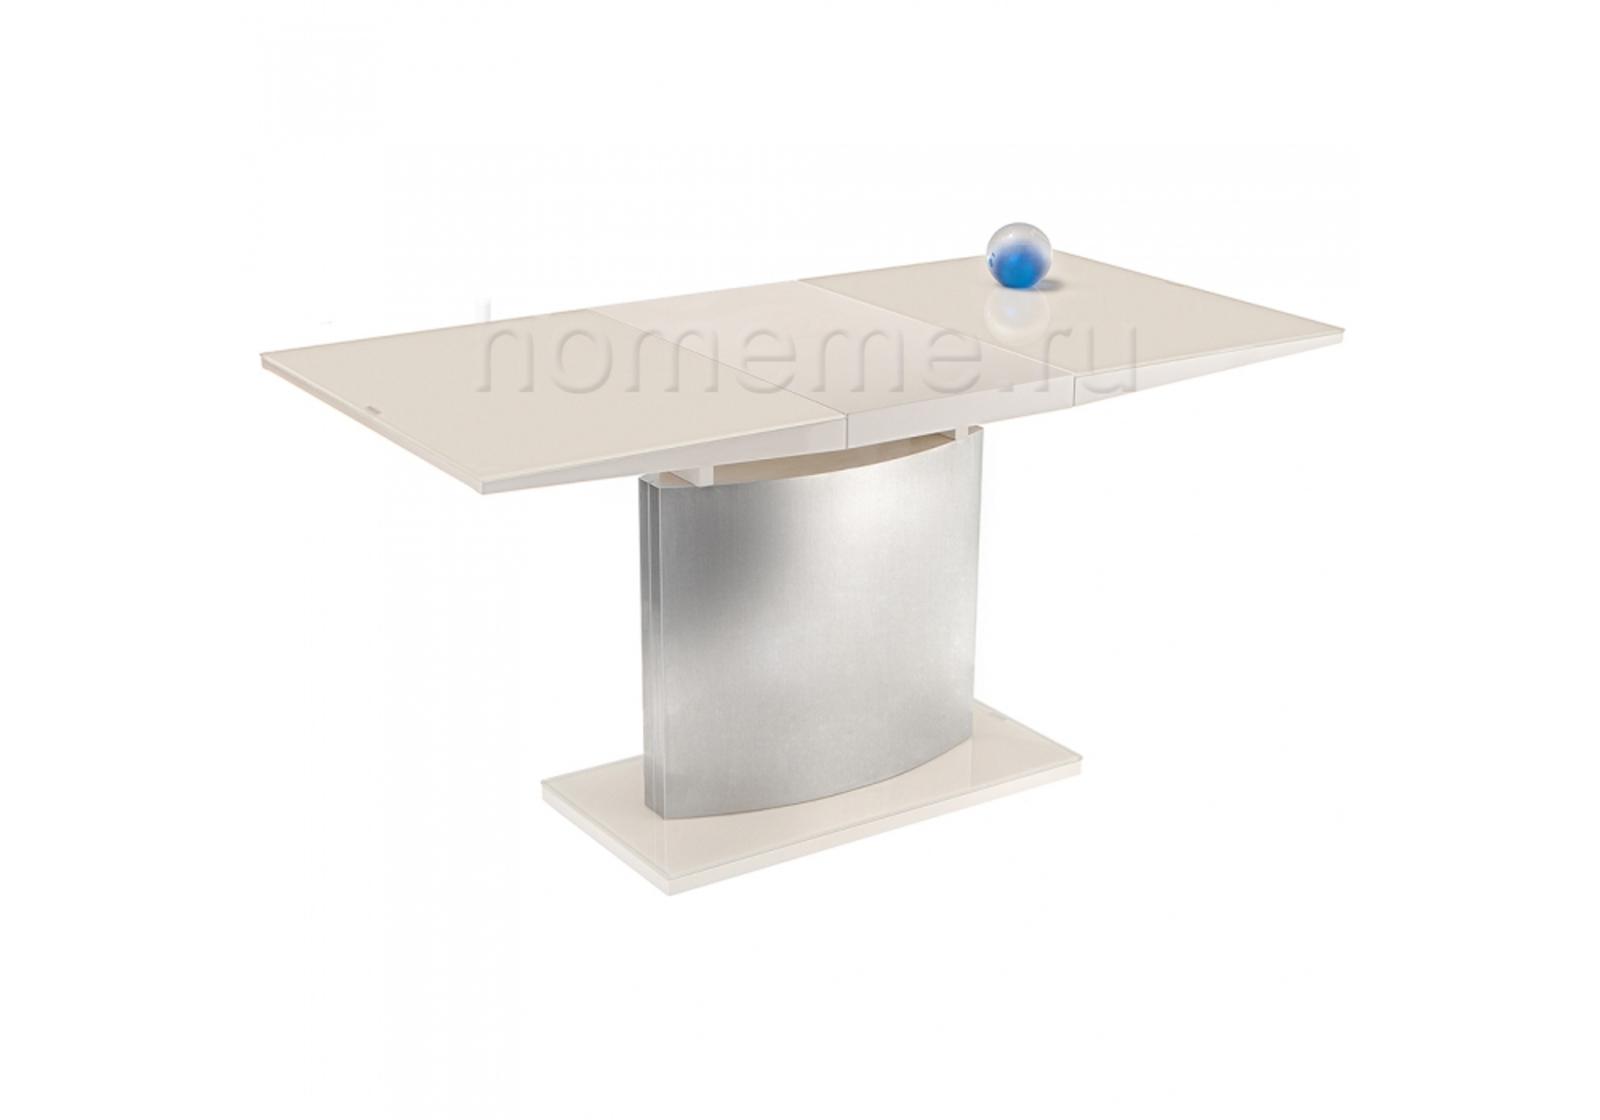 Стол стеклянный Tabel 110 champagne 11185 Tabel 110 champagne 11185 (14415)